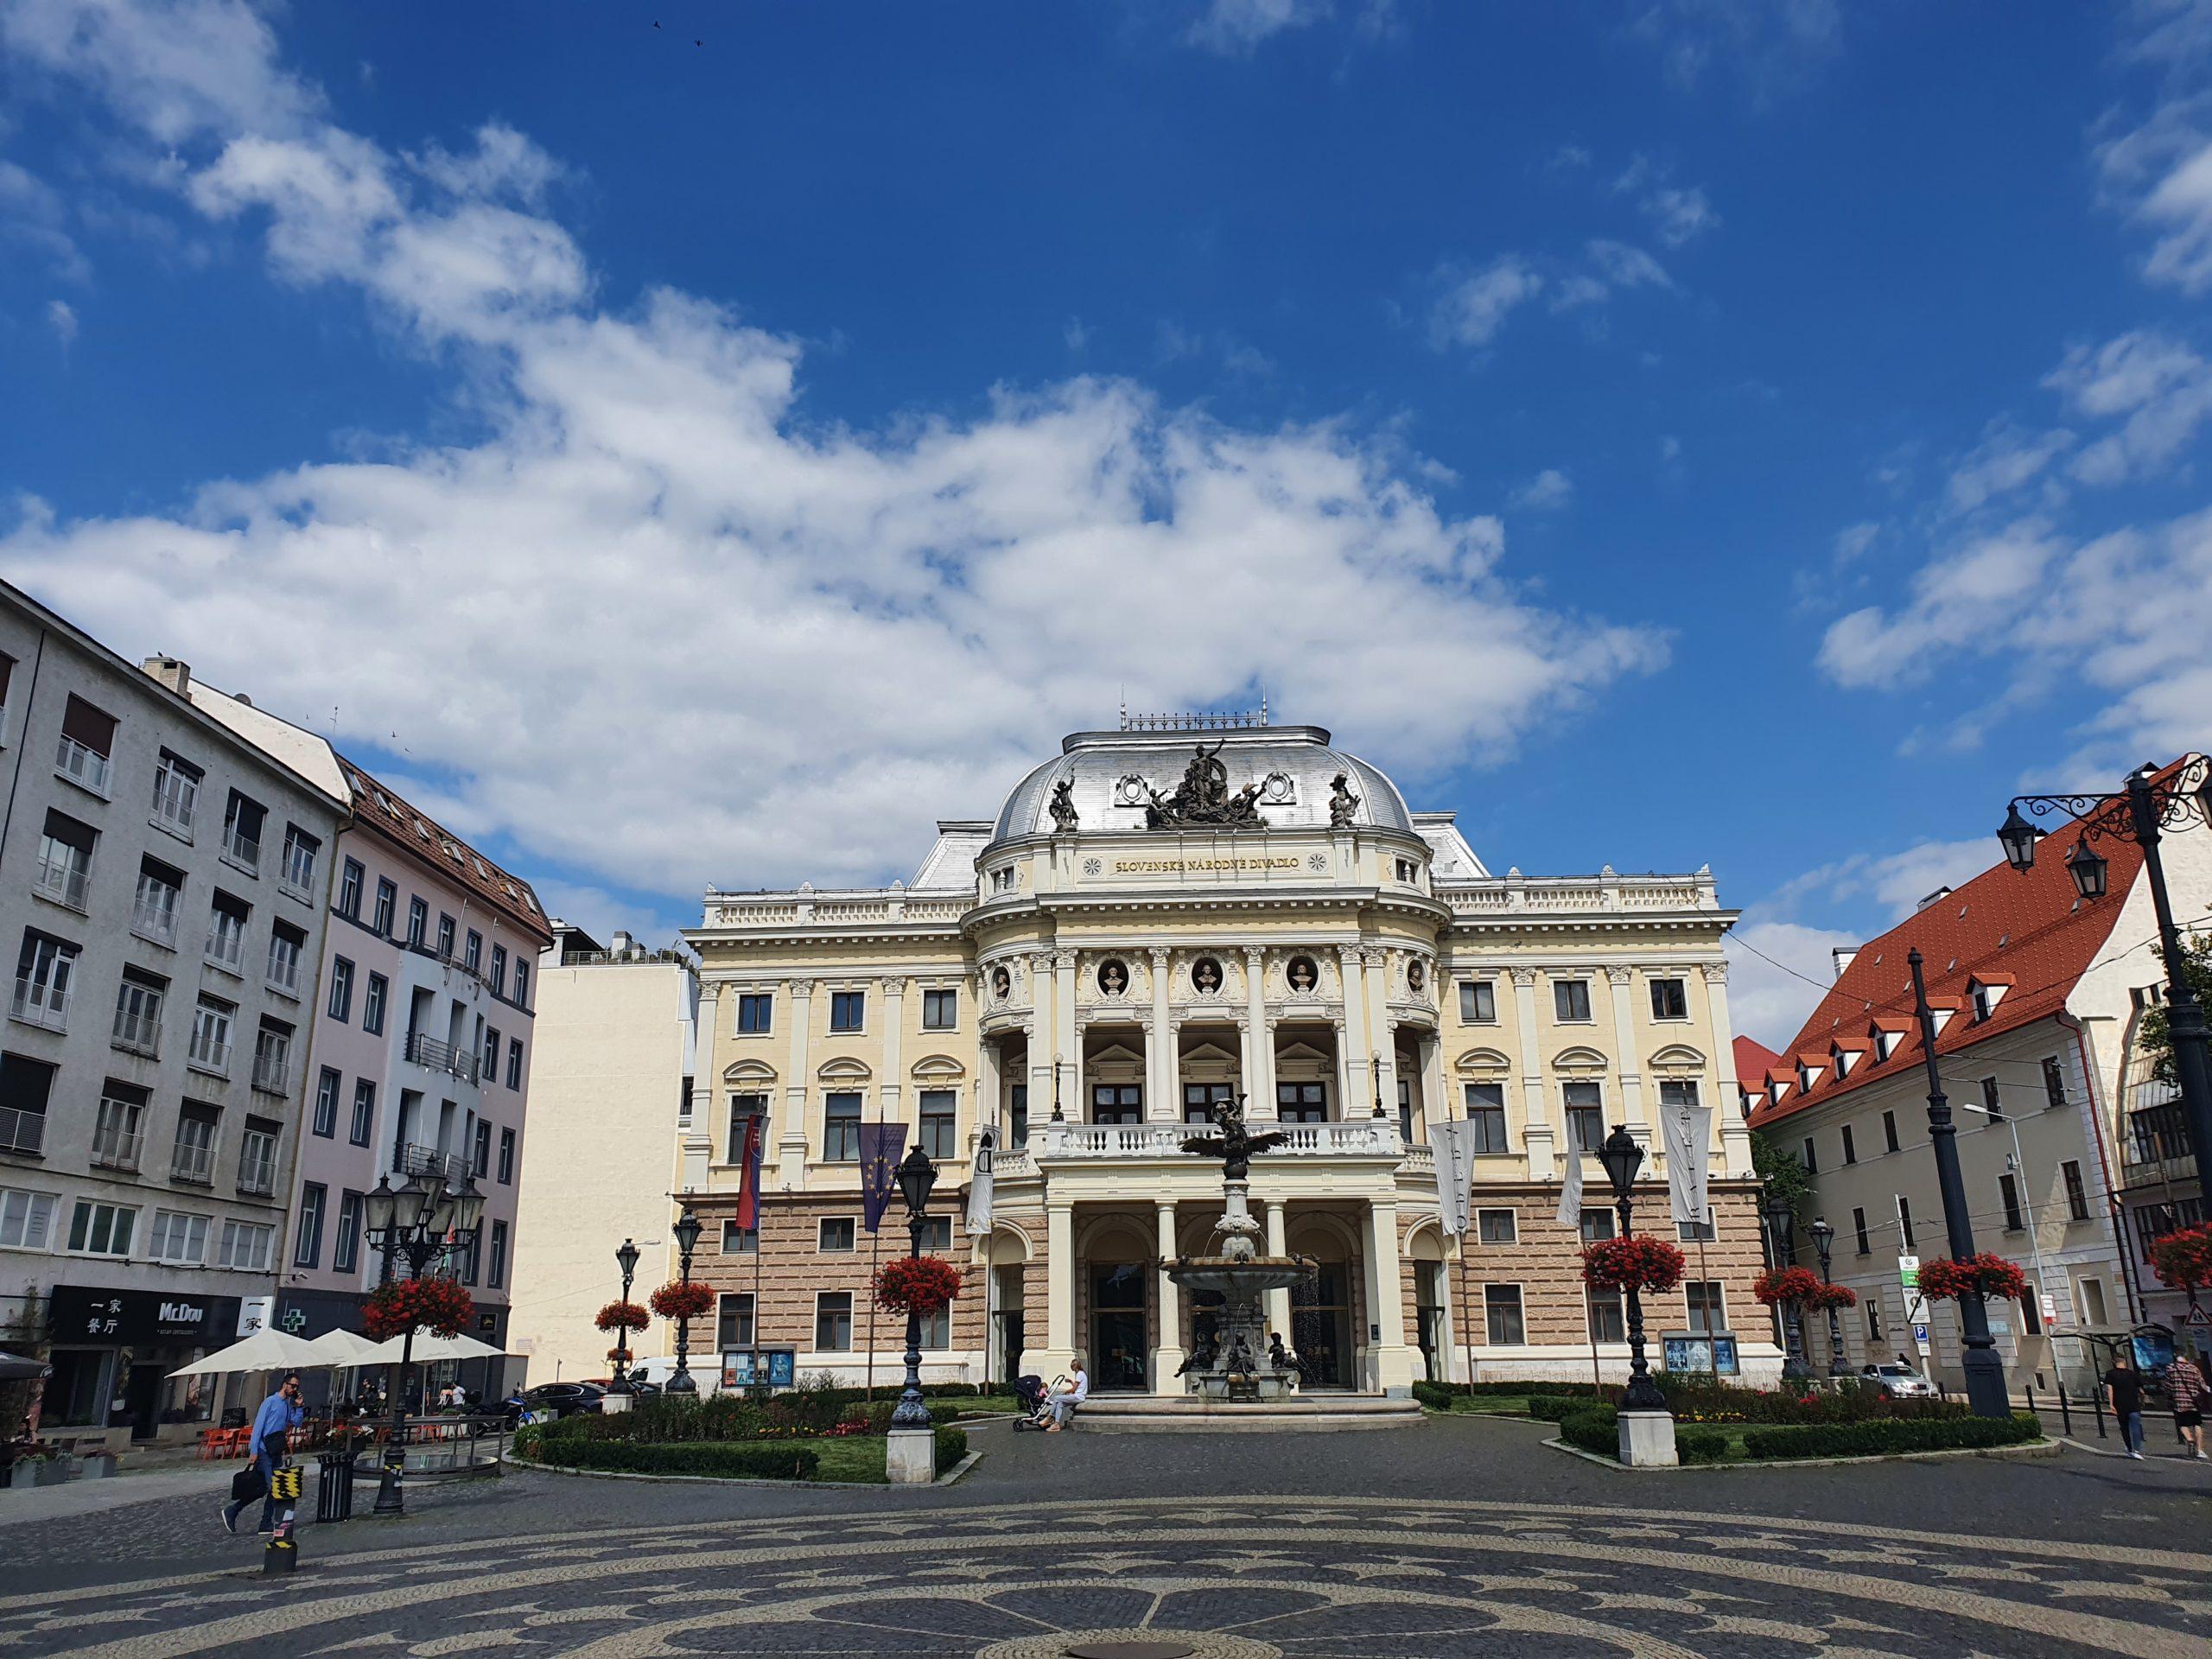 Historisches Gebäude des Slowakischen Nationaltheaters